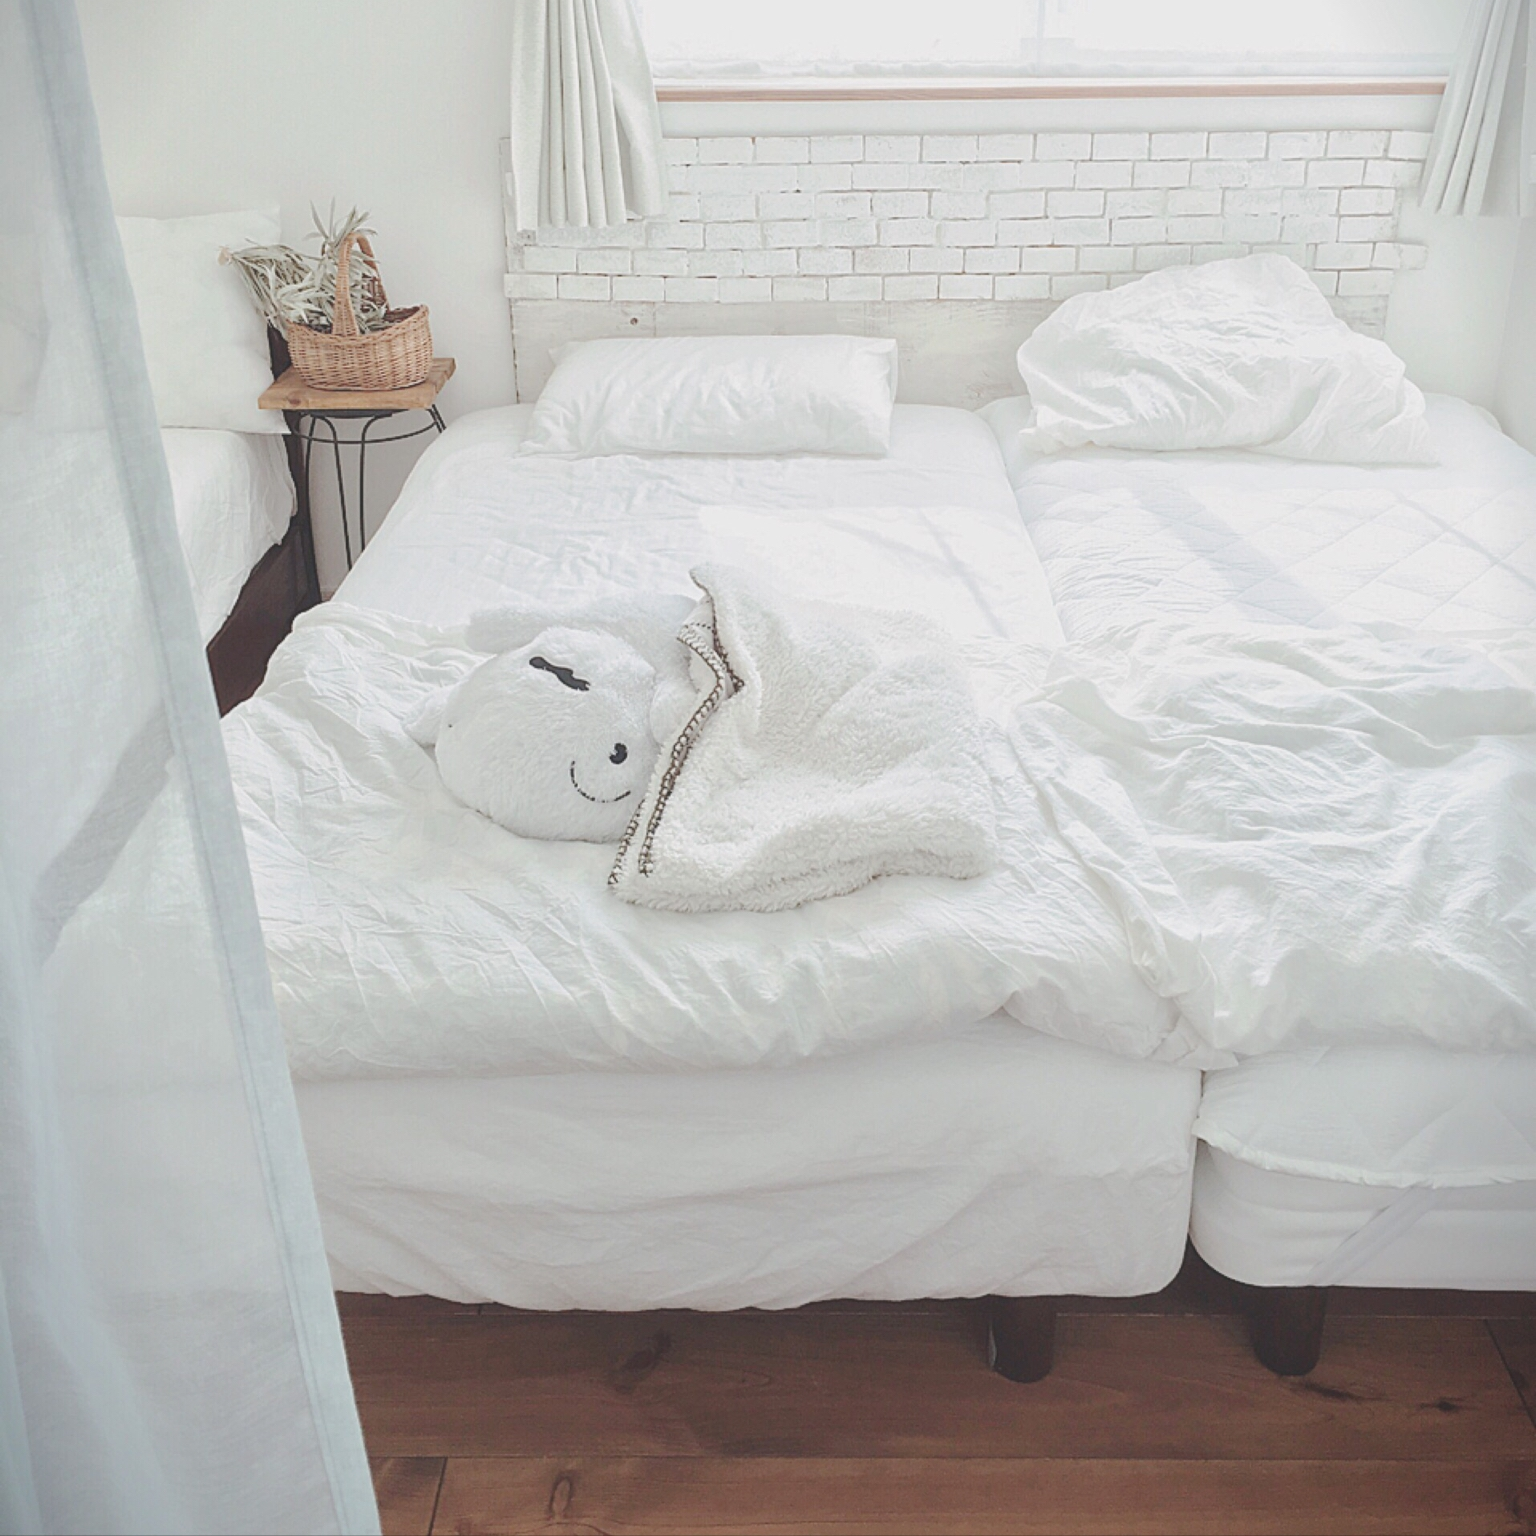 無印良品で叶う、リラックスを約束する快適ベッドルーム | RoomClip mag | 暮らしとインテリアのwebマガジン